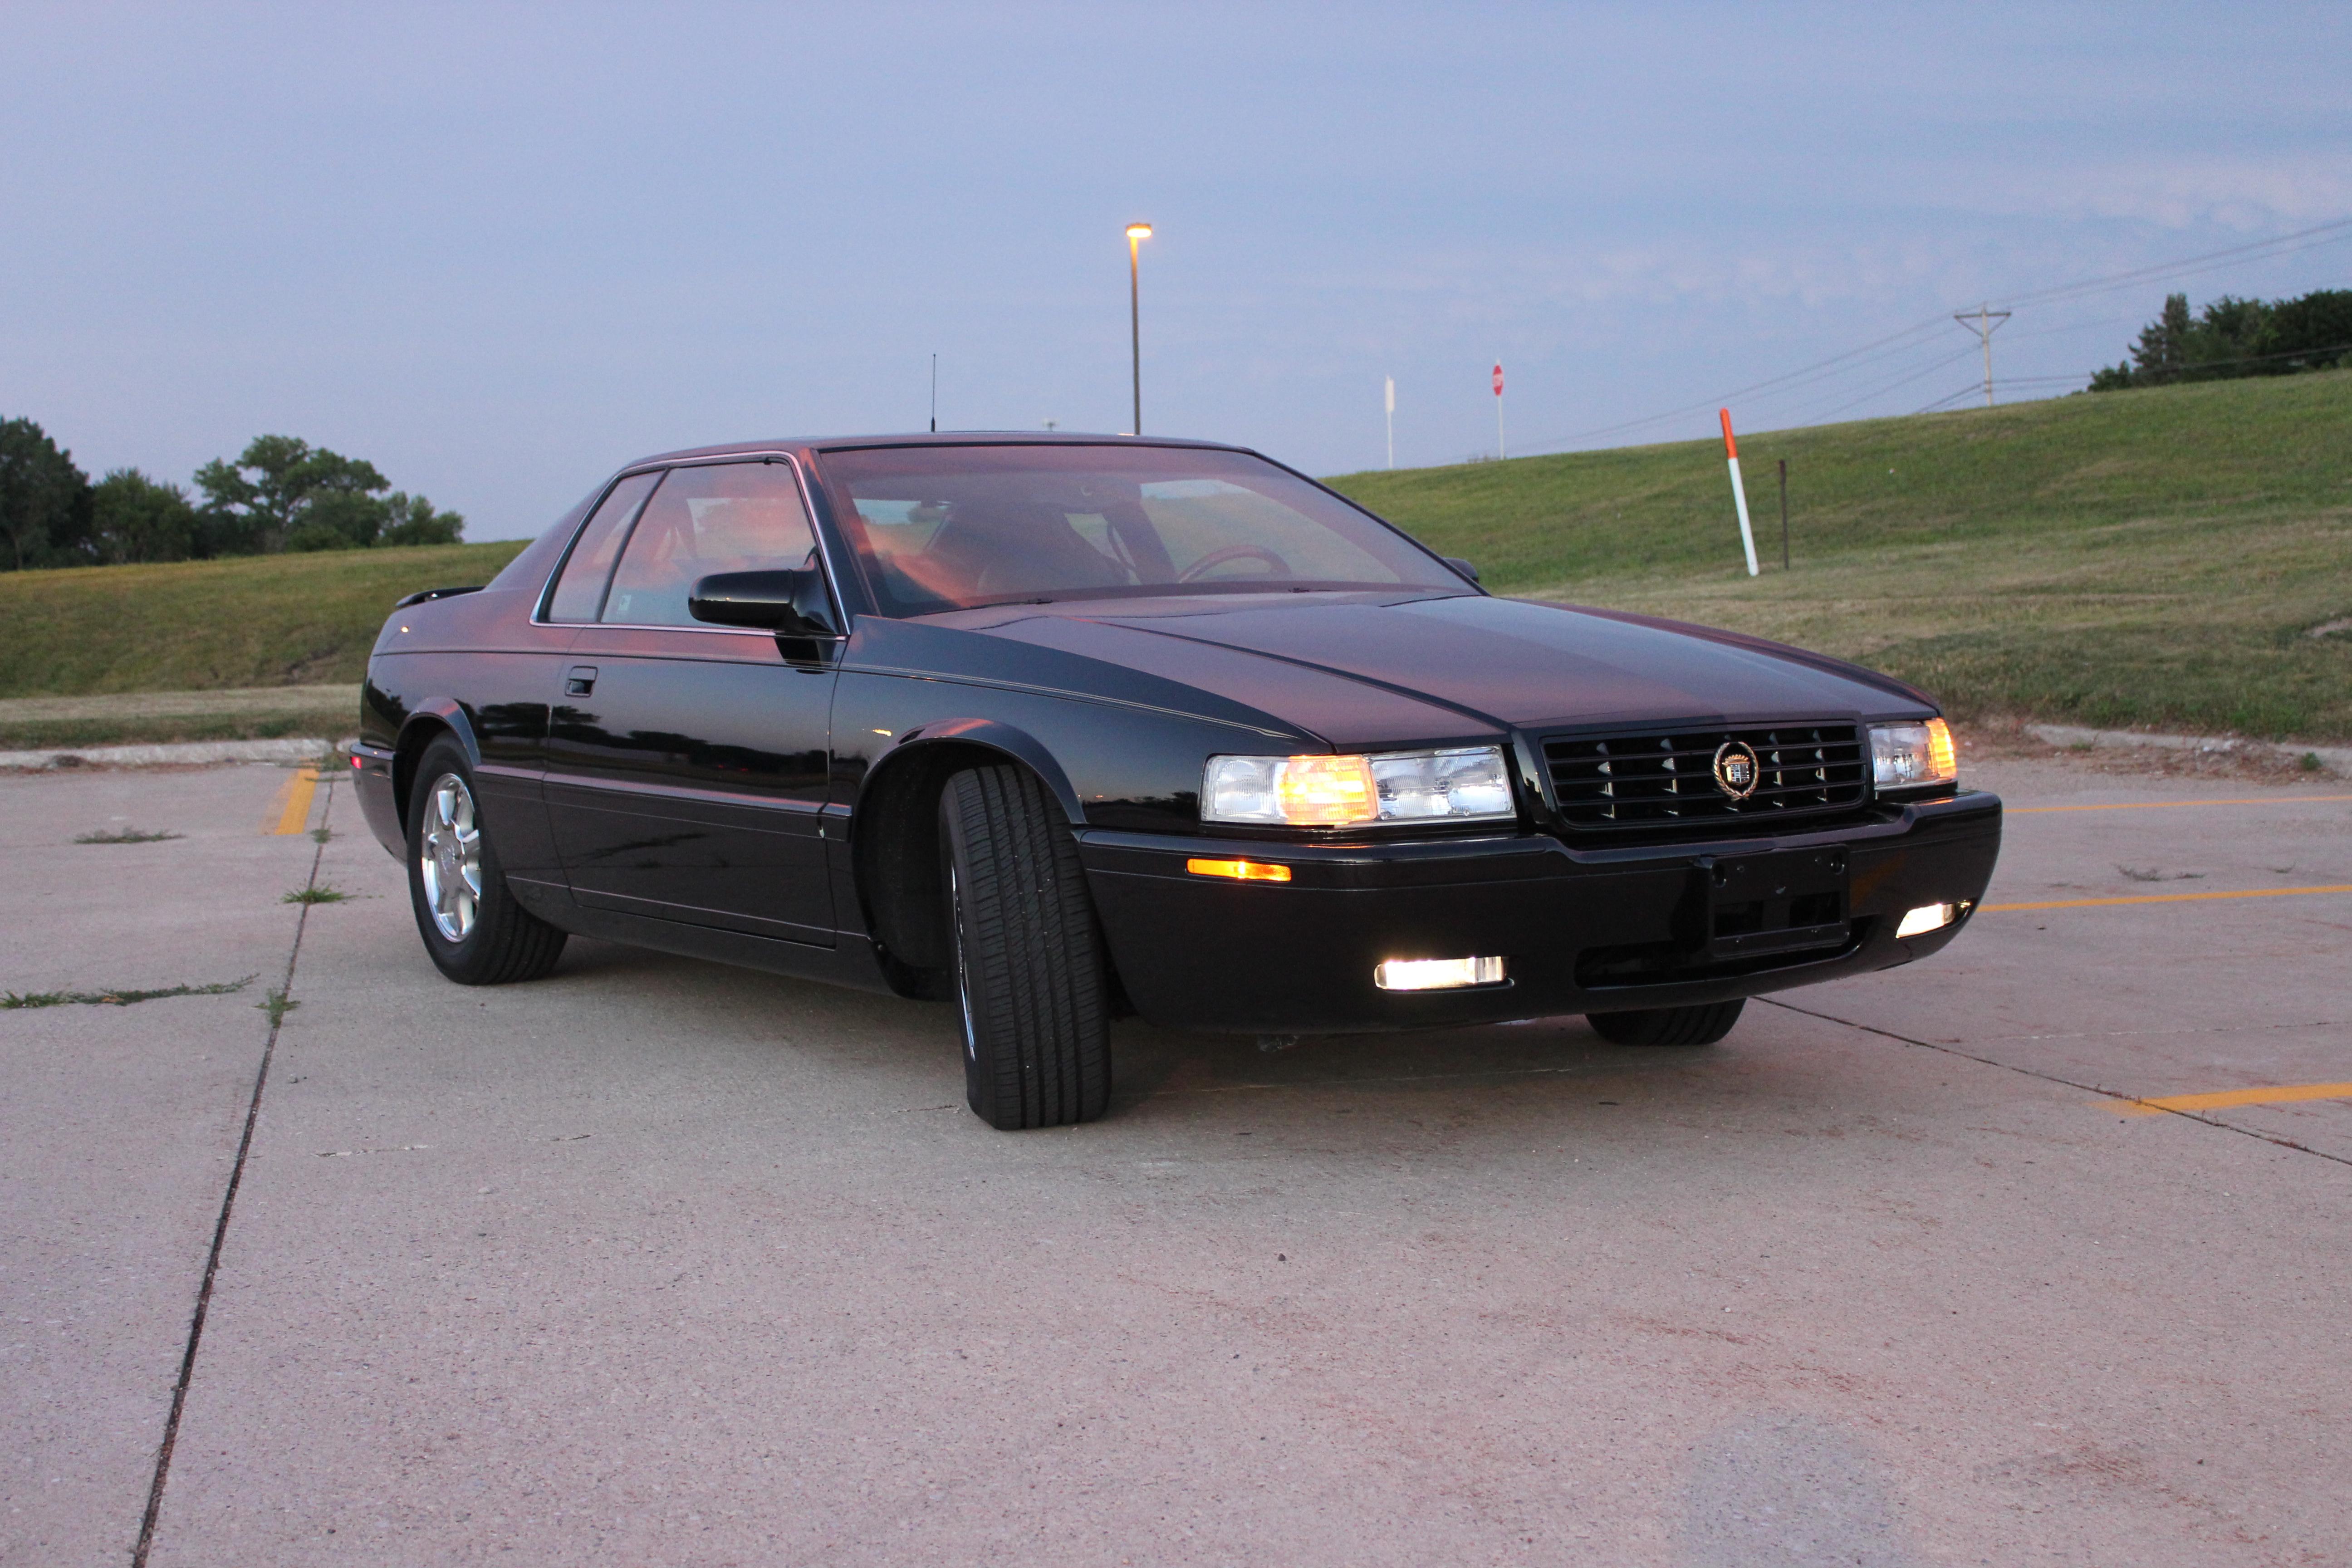 2001 Cadillac Eldorado ETC - Survivor - Cars For Sale - Antique ...